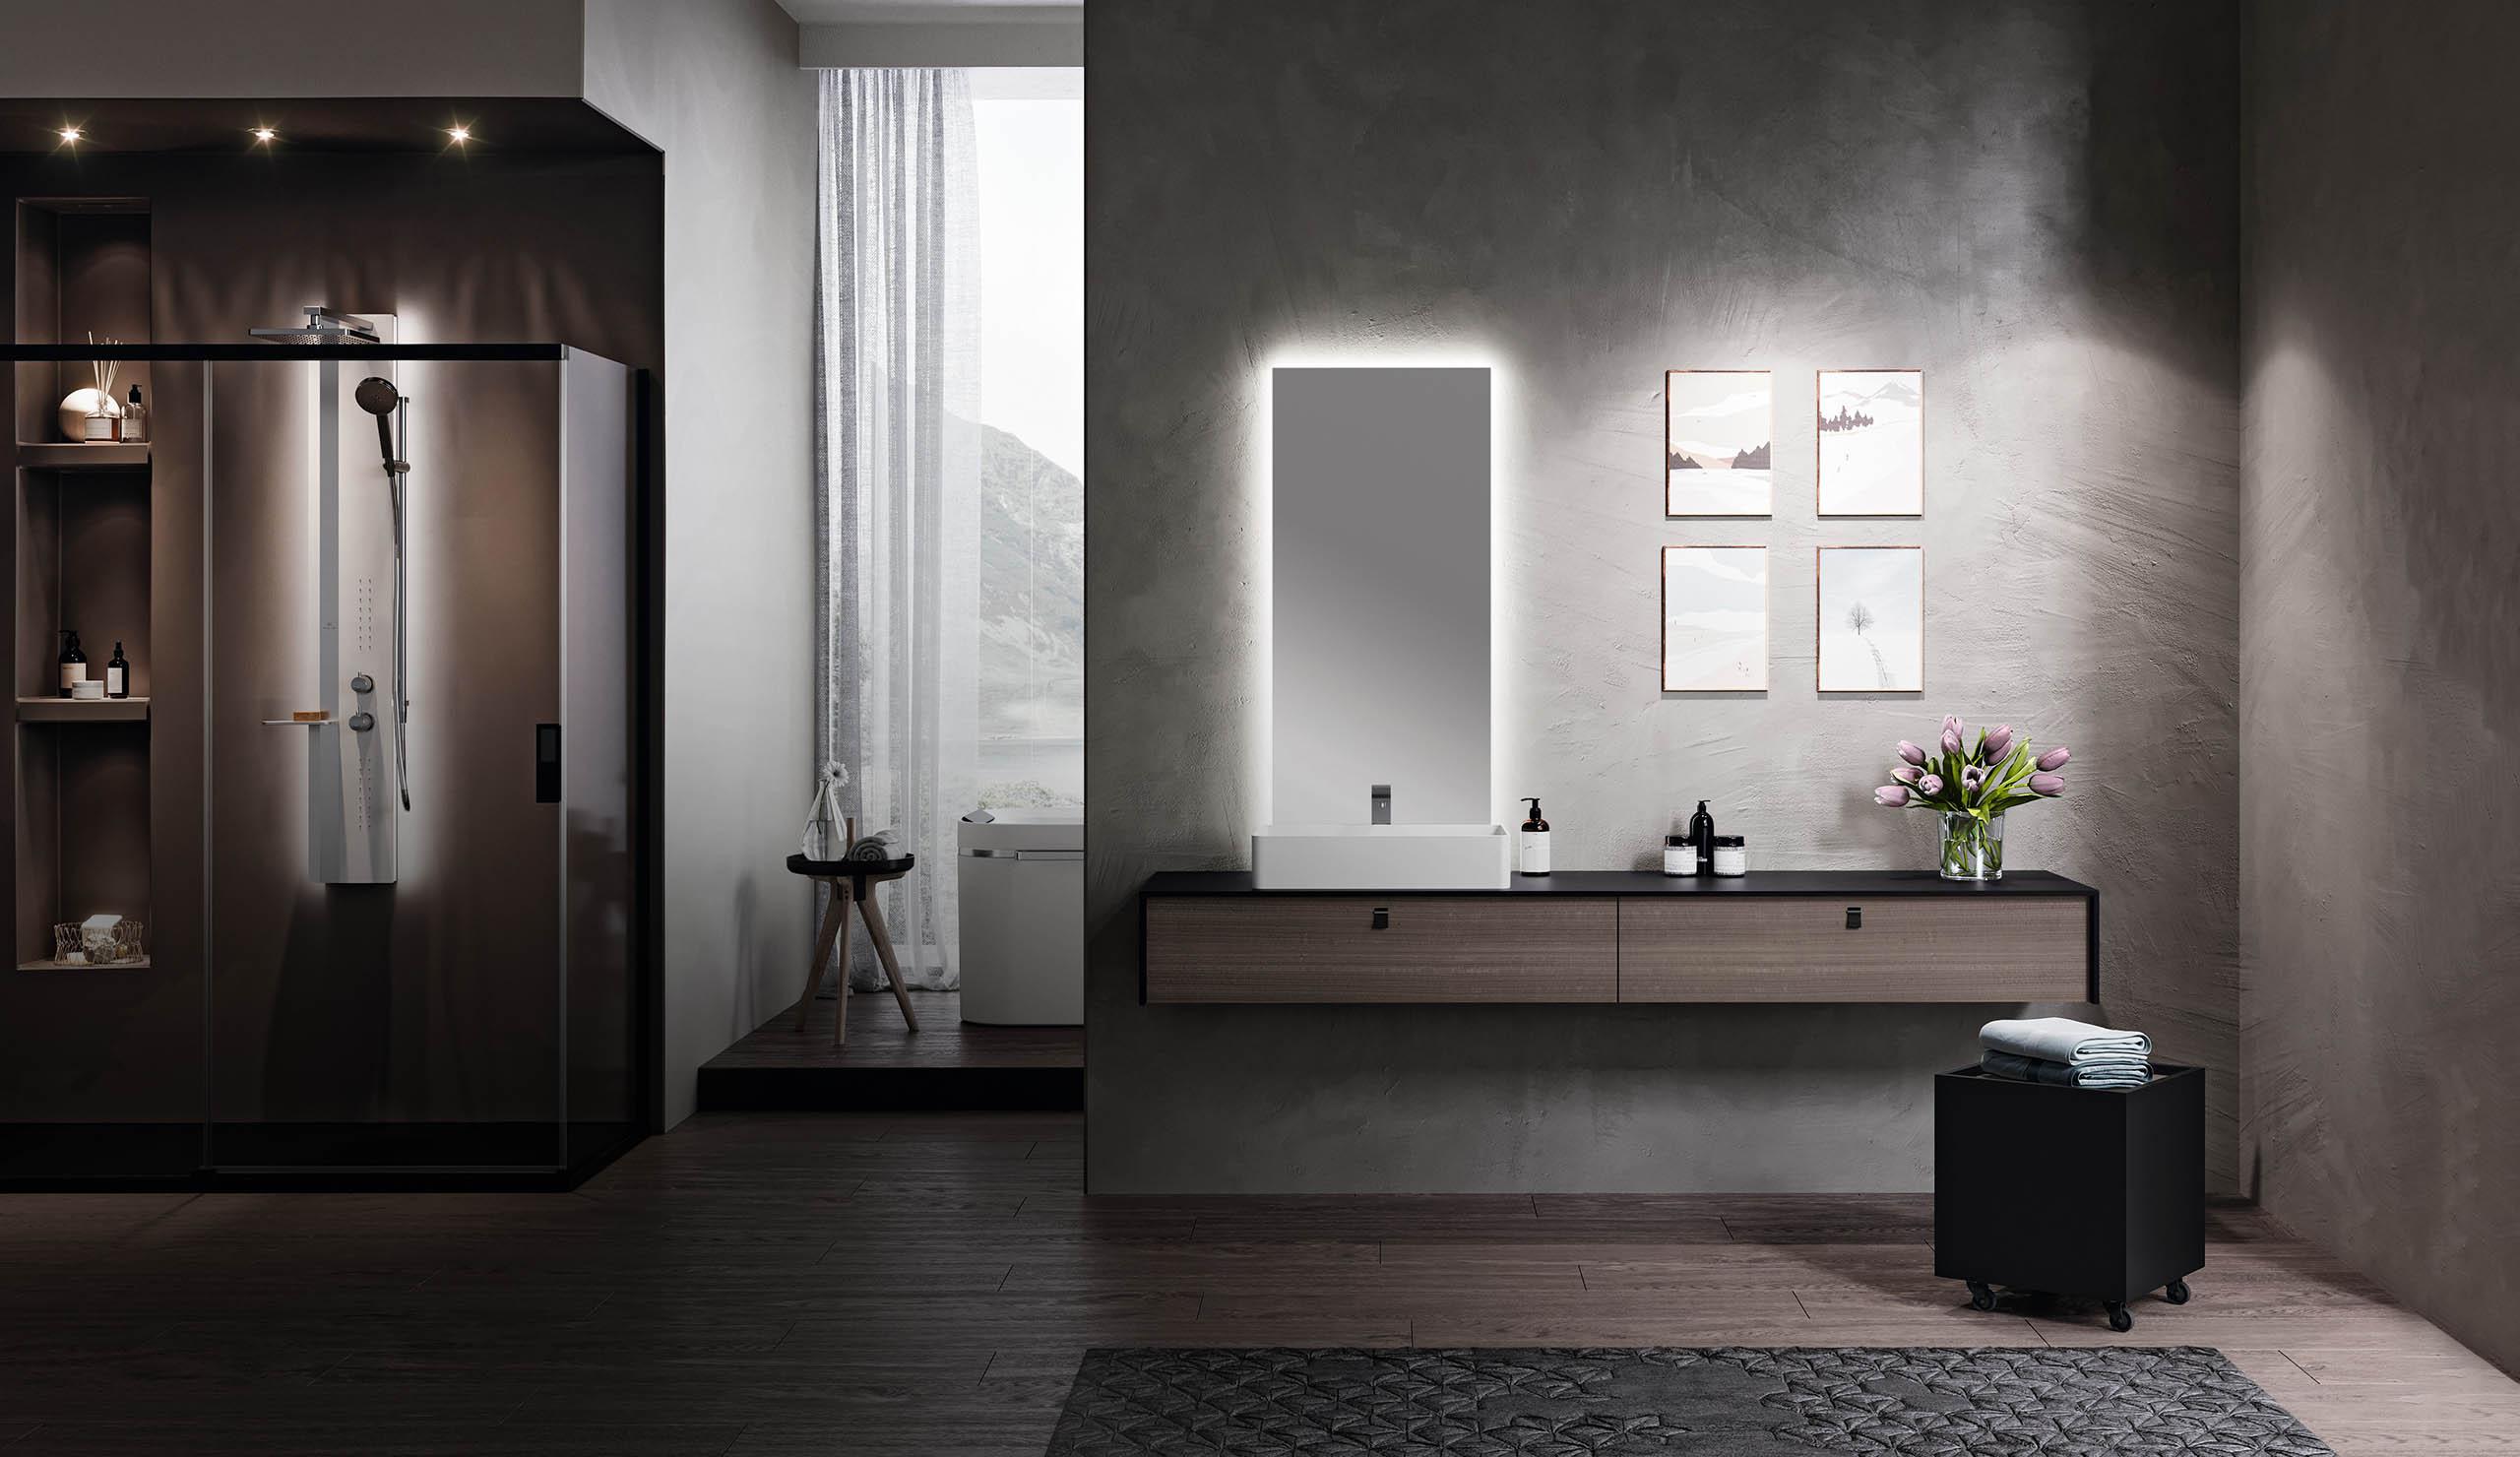 reformas tres cantos, baños, reforma de baño, novellini, mamparas en negro, mamparas en blanco, blanco y negro, mamparas ducha, tres cantos (2)